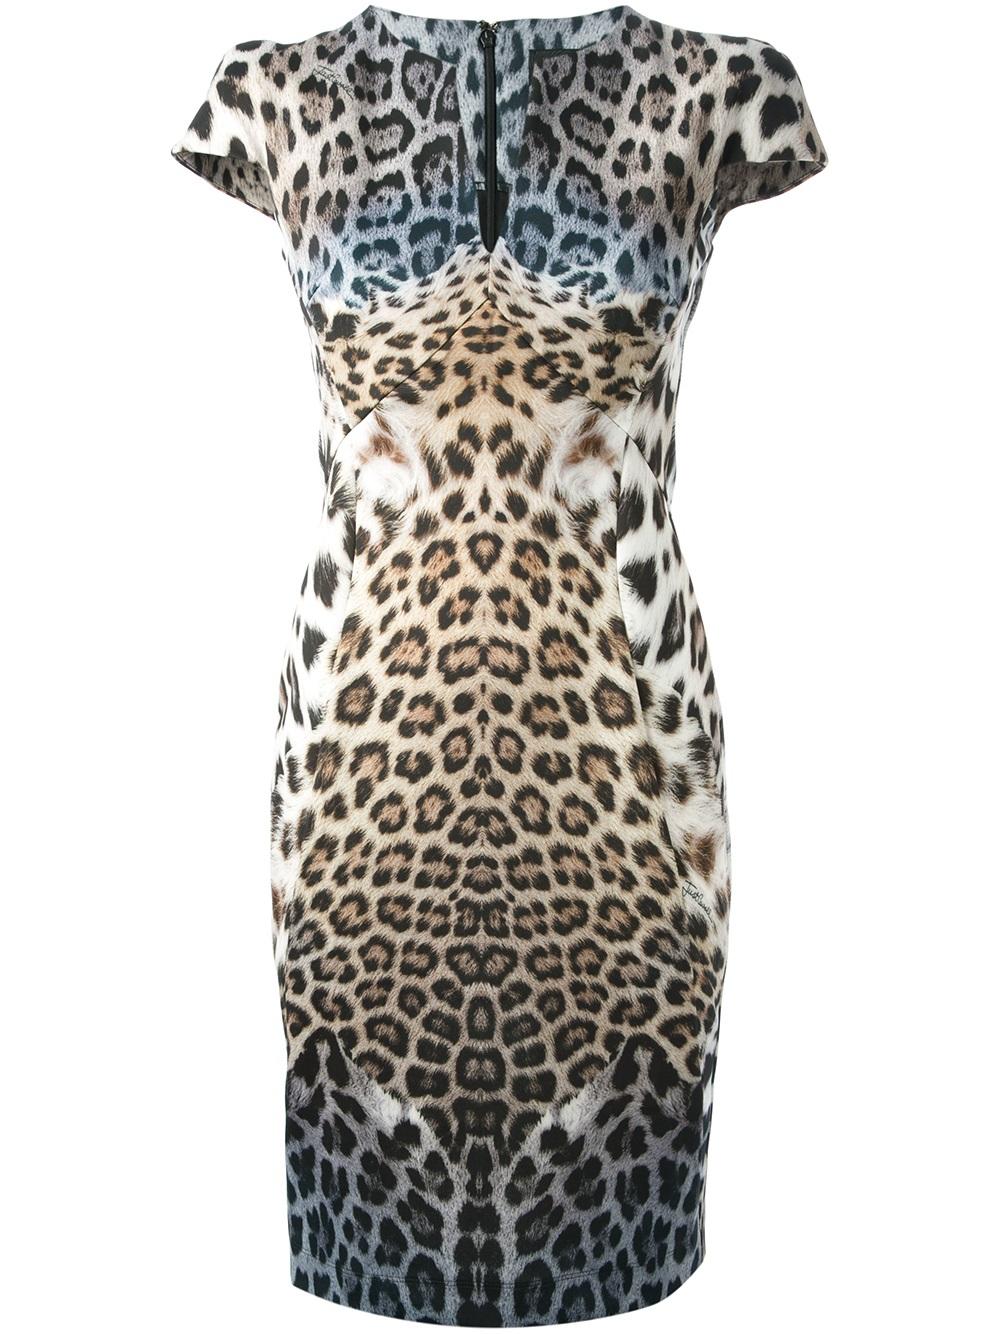 Multi color leopard dress